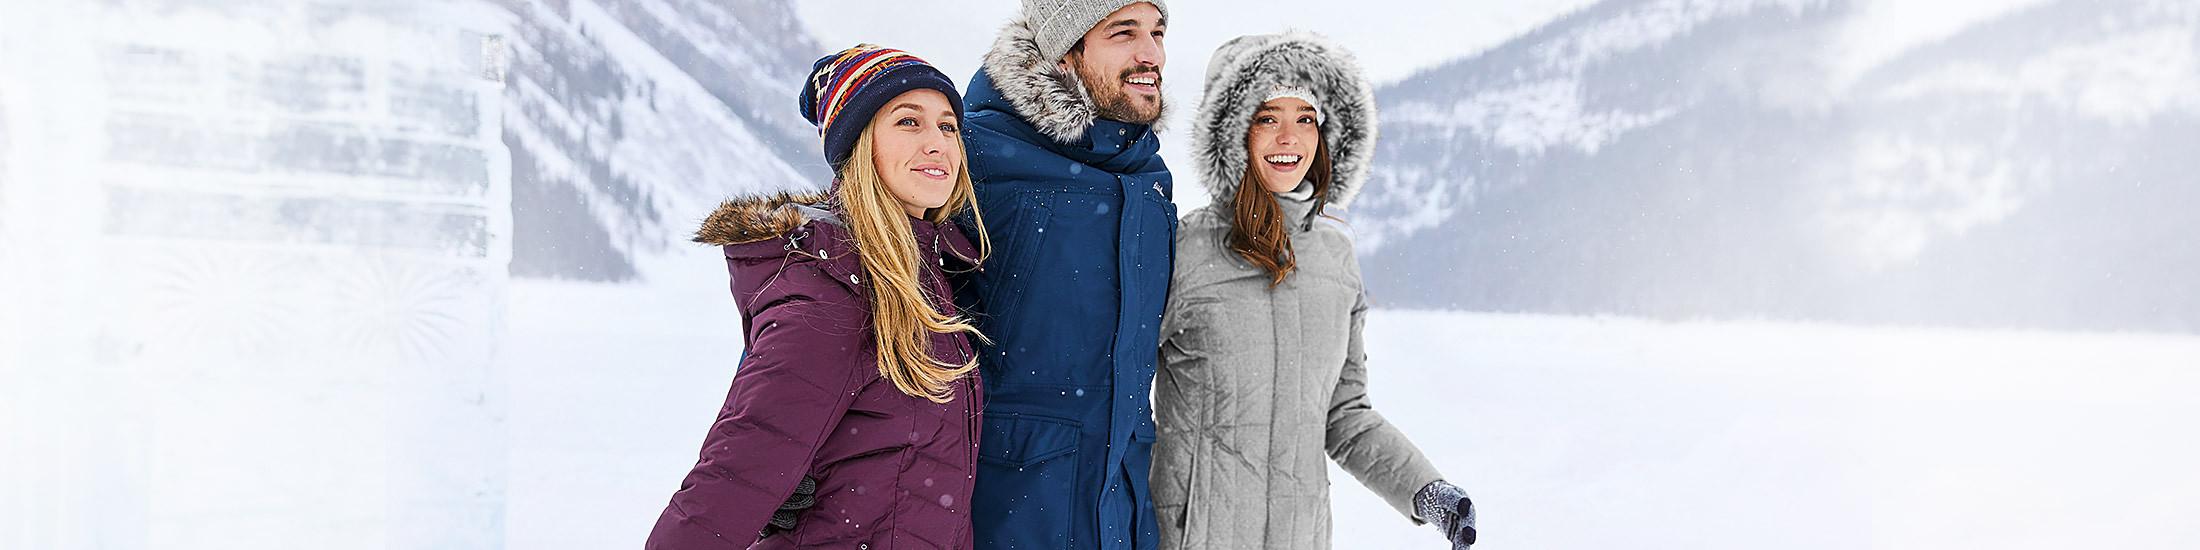 Three people wearing down parkas walk in a snowy landscape